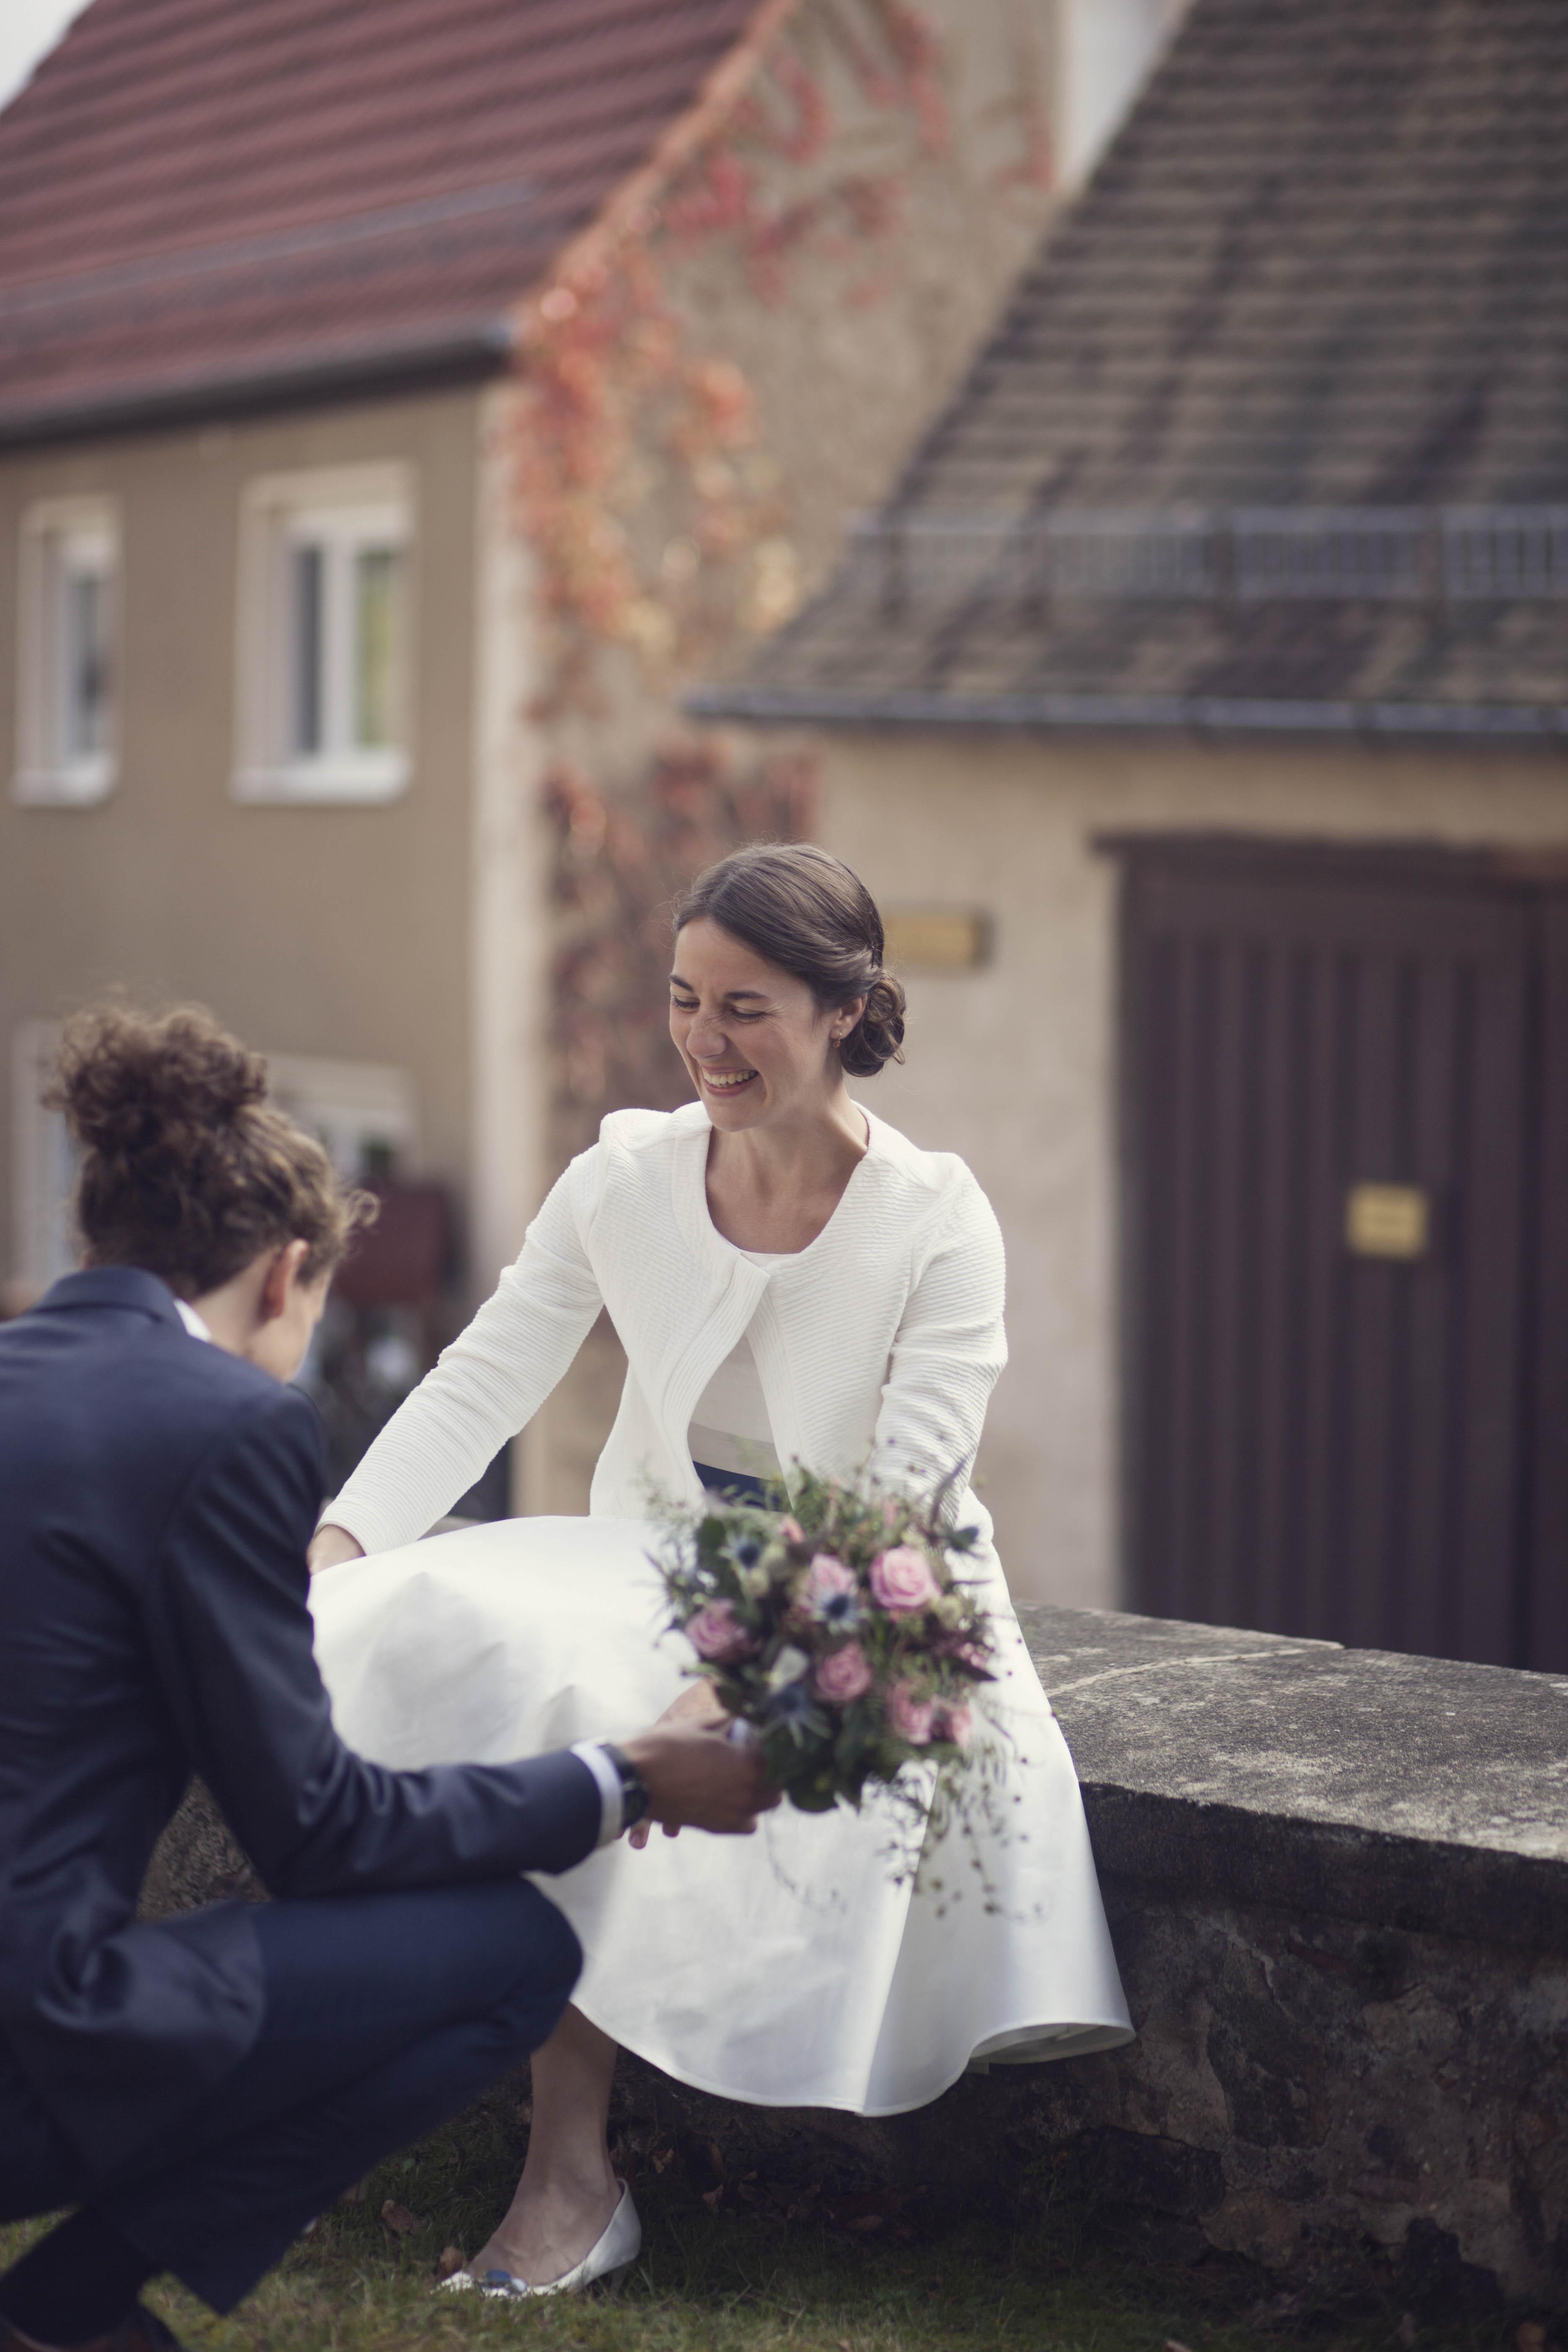 HochzeitsreportageLeipzig10